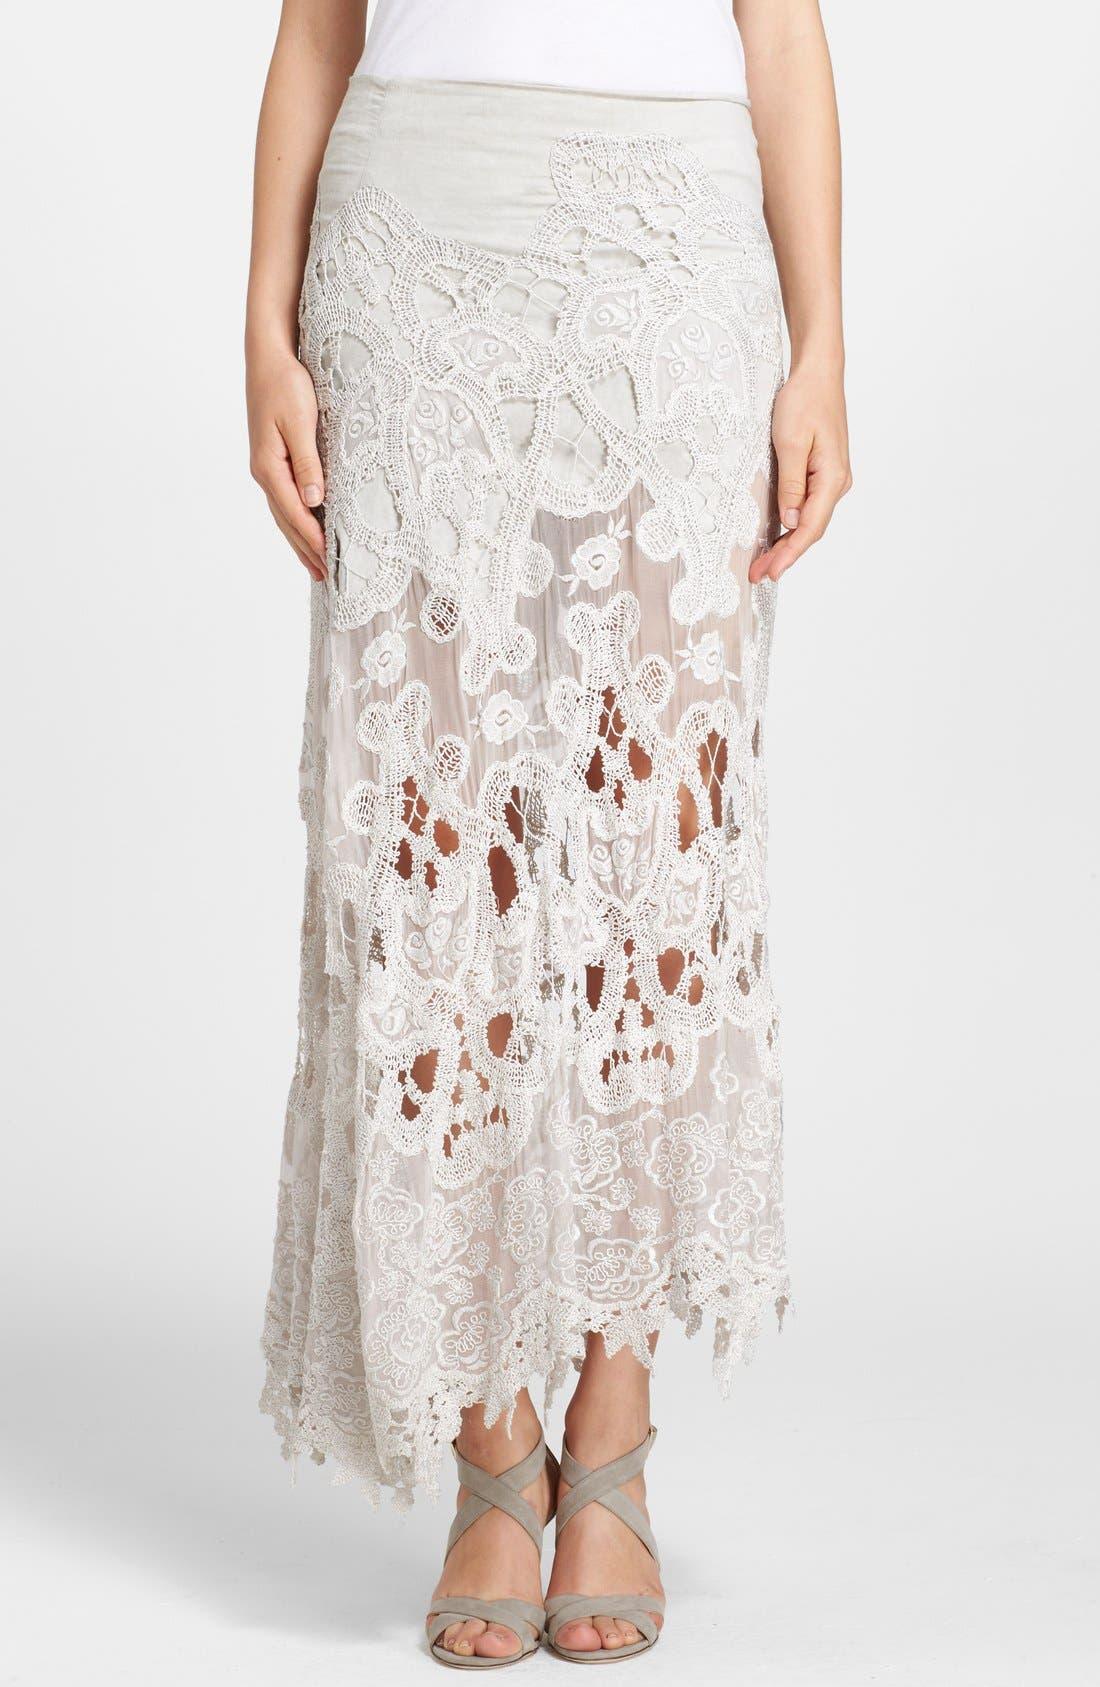 Alternate Image 1 Selected - Donna Karan New York Macramé Lace Skirt